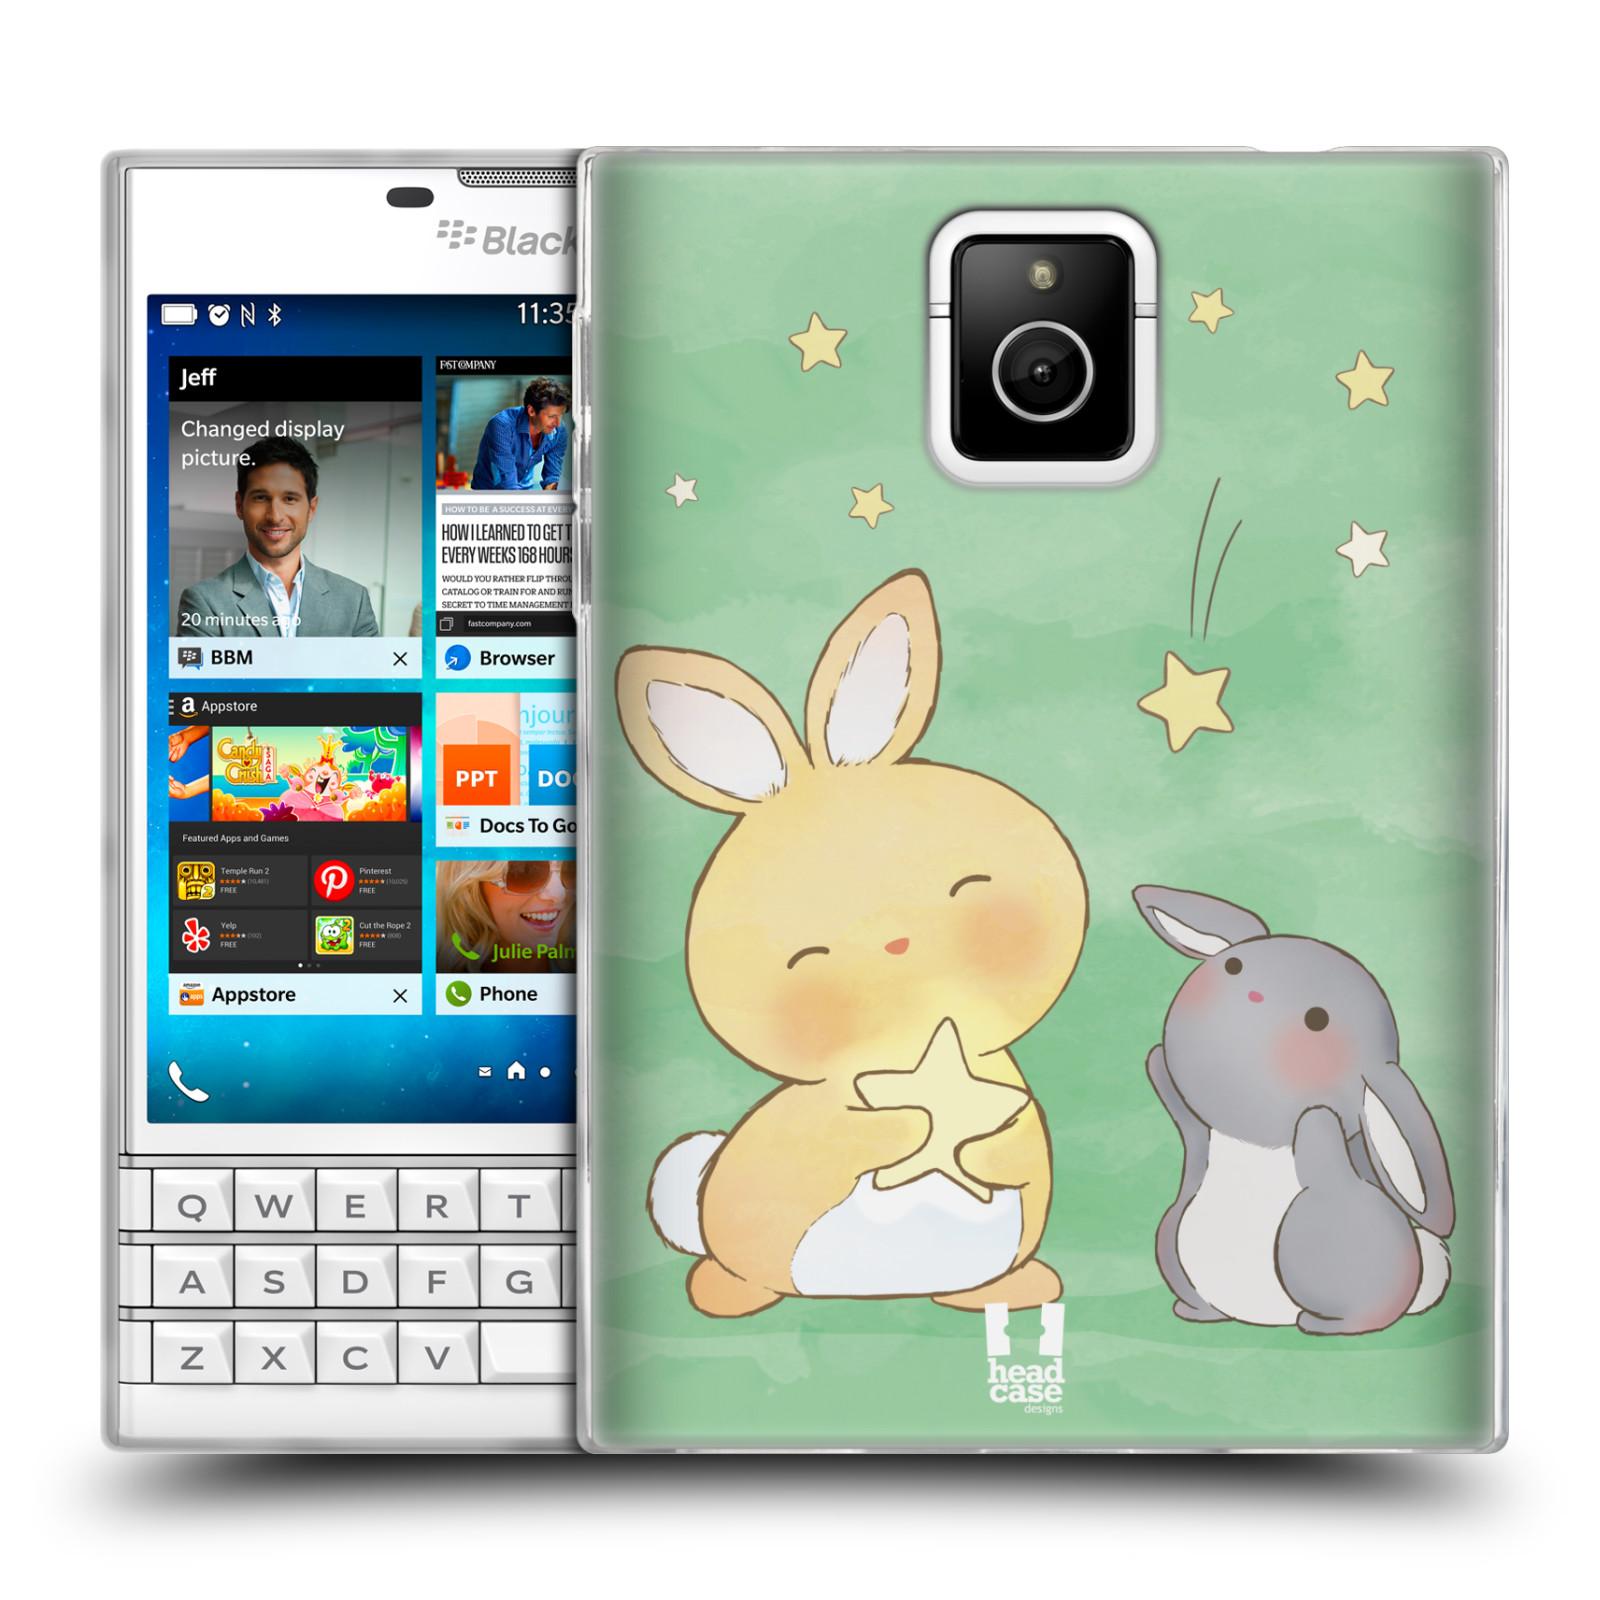 HEAD CASE silikonový obal na mobil Blackberry PASSPORT vzor králíček a hvězdy zelená